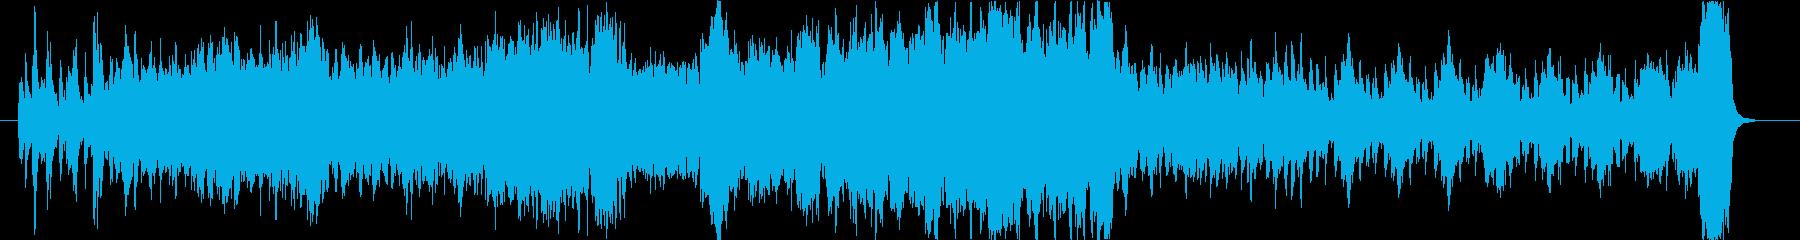 企業VP_信頼と実績_オーケストラの再生済みの波形